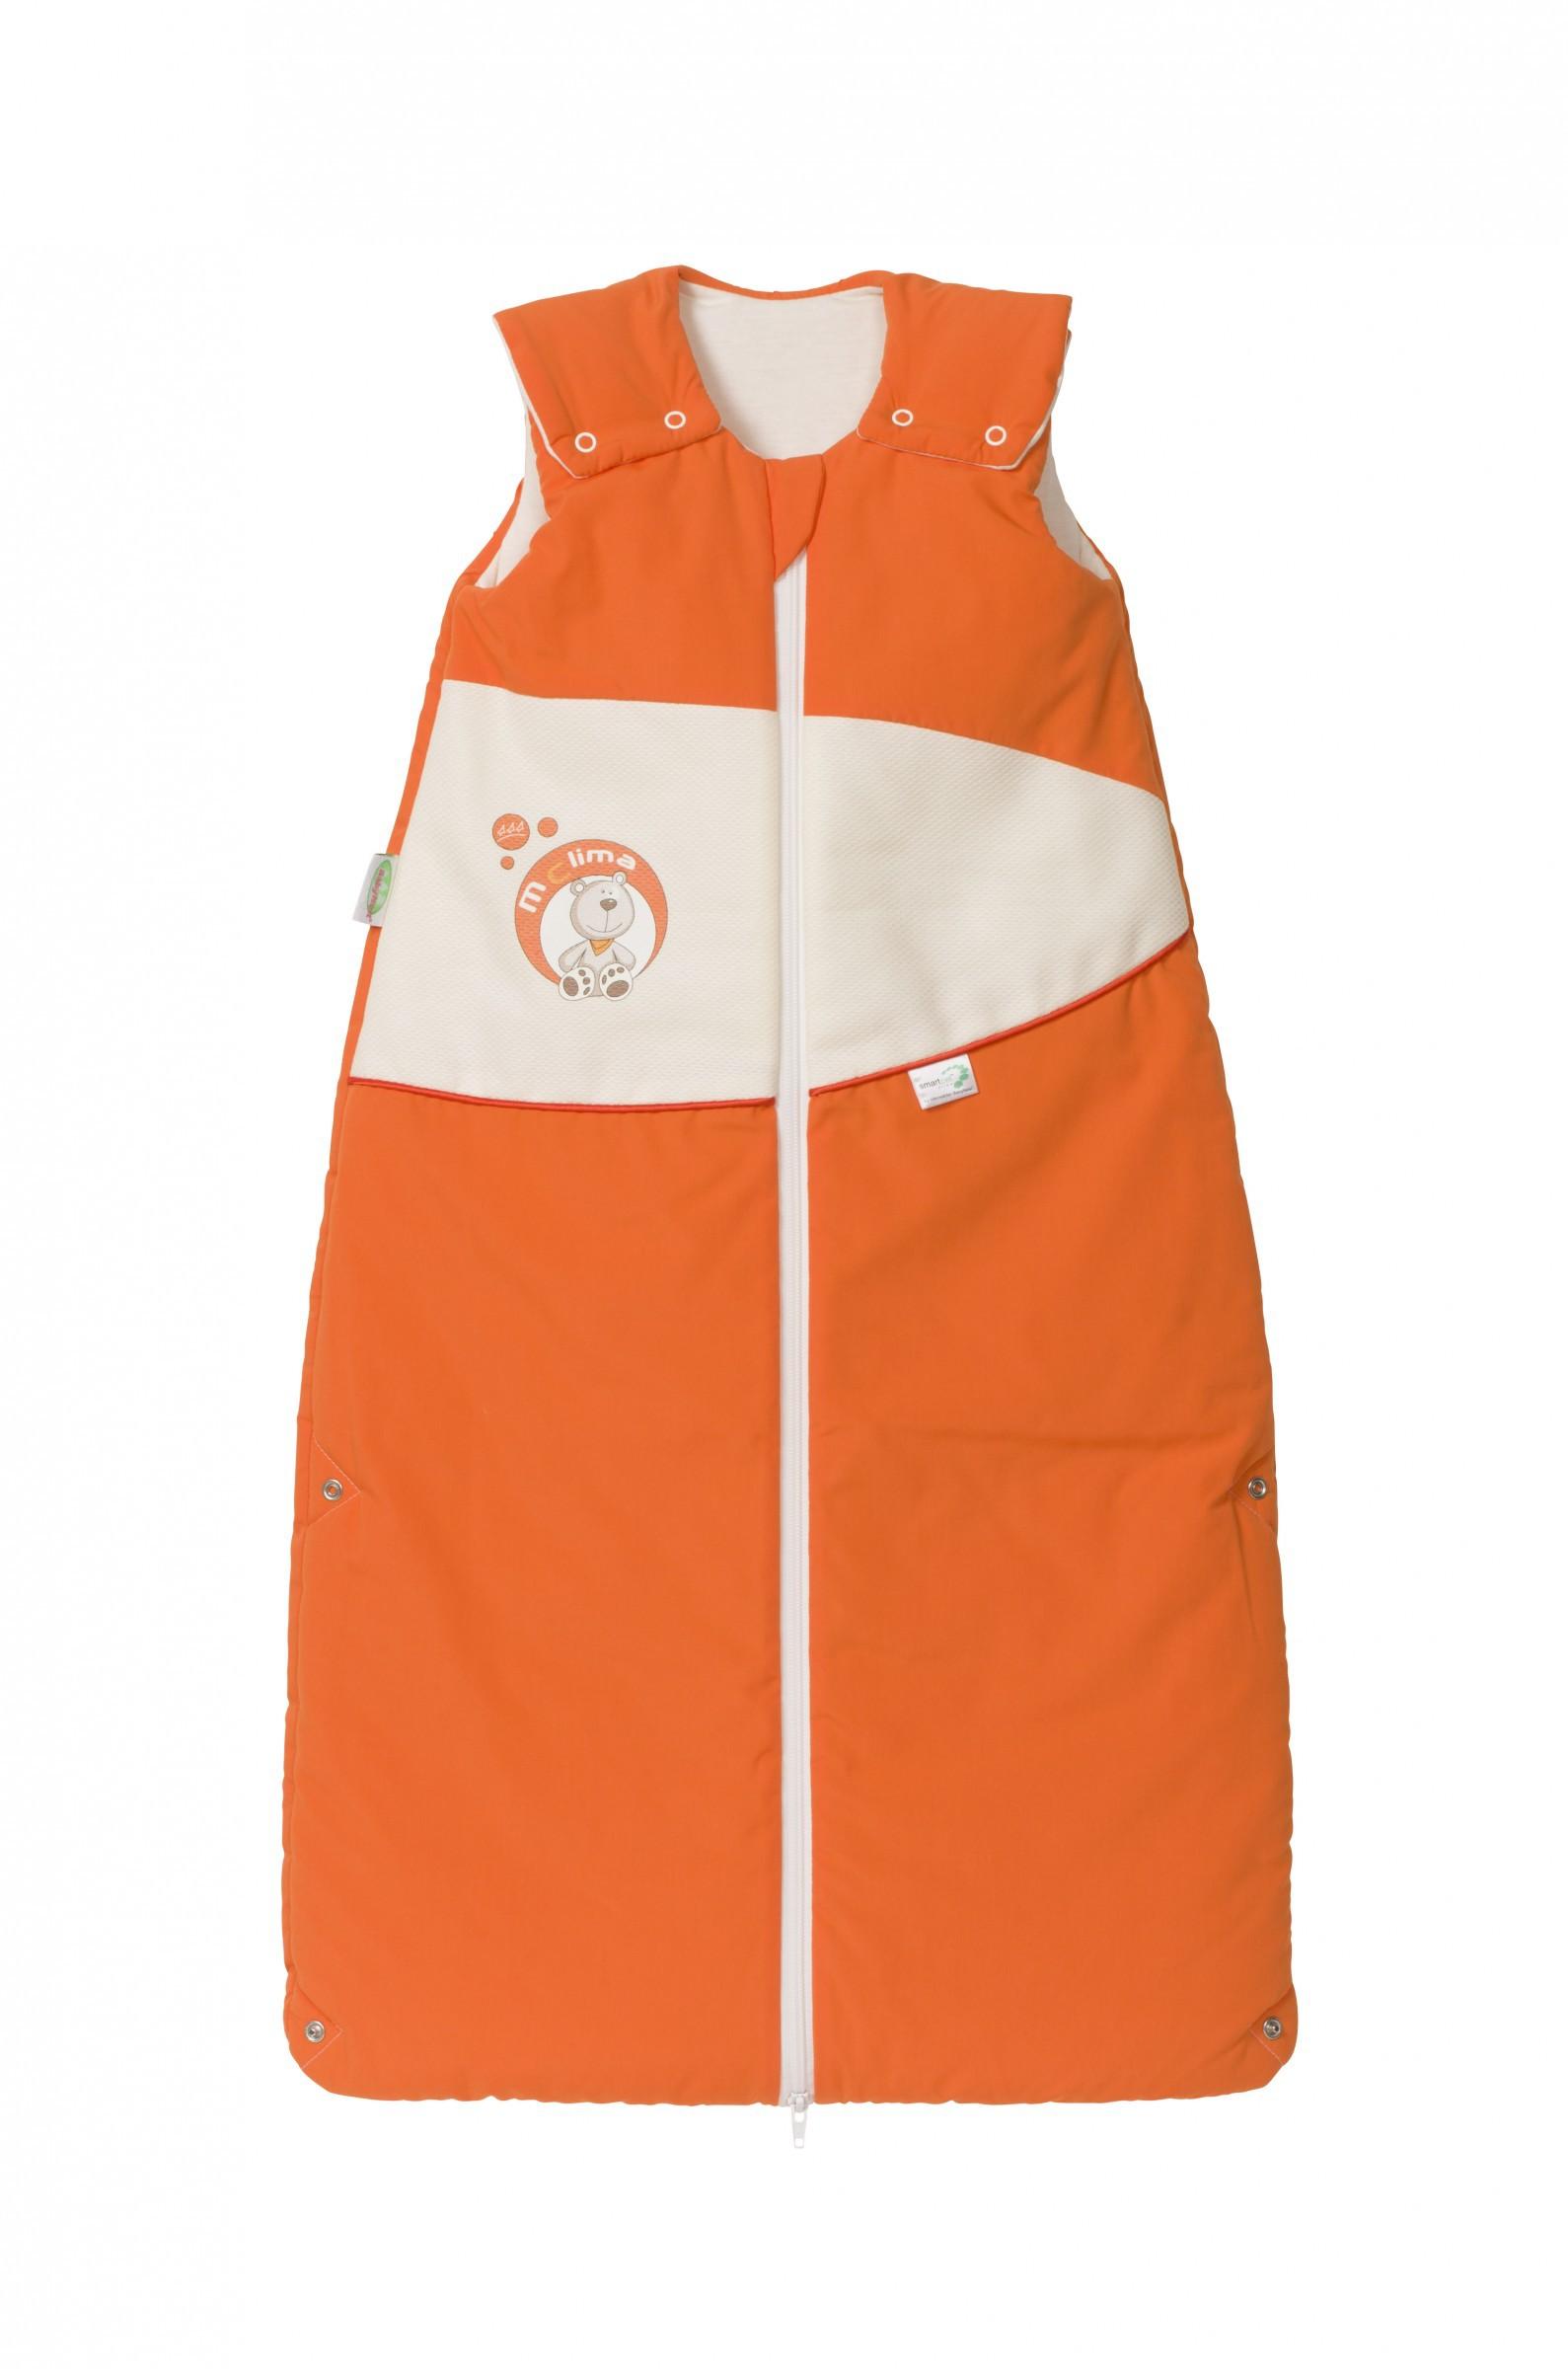 Odenwälder Baby-Schlafsack Mclima warm orange - 2013/2014